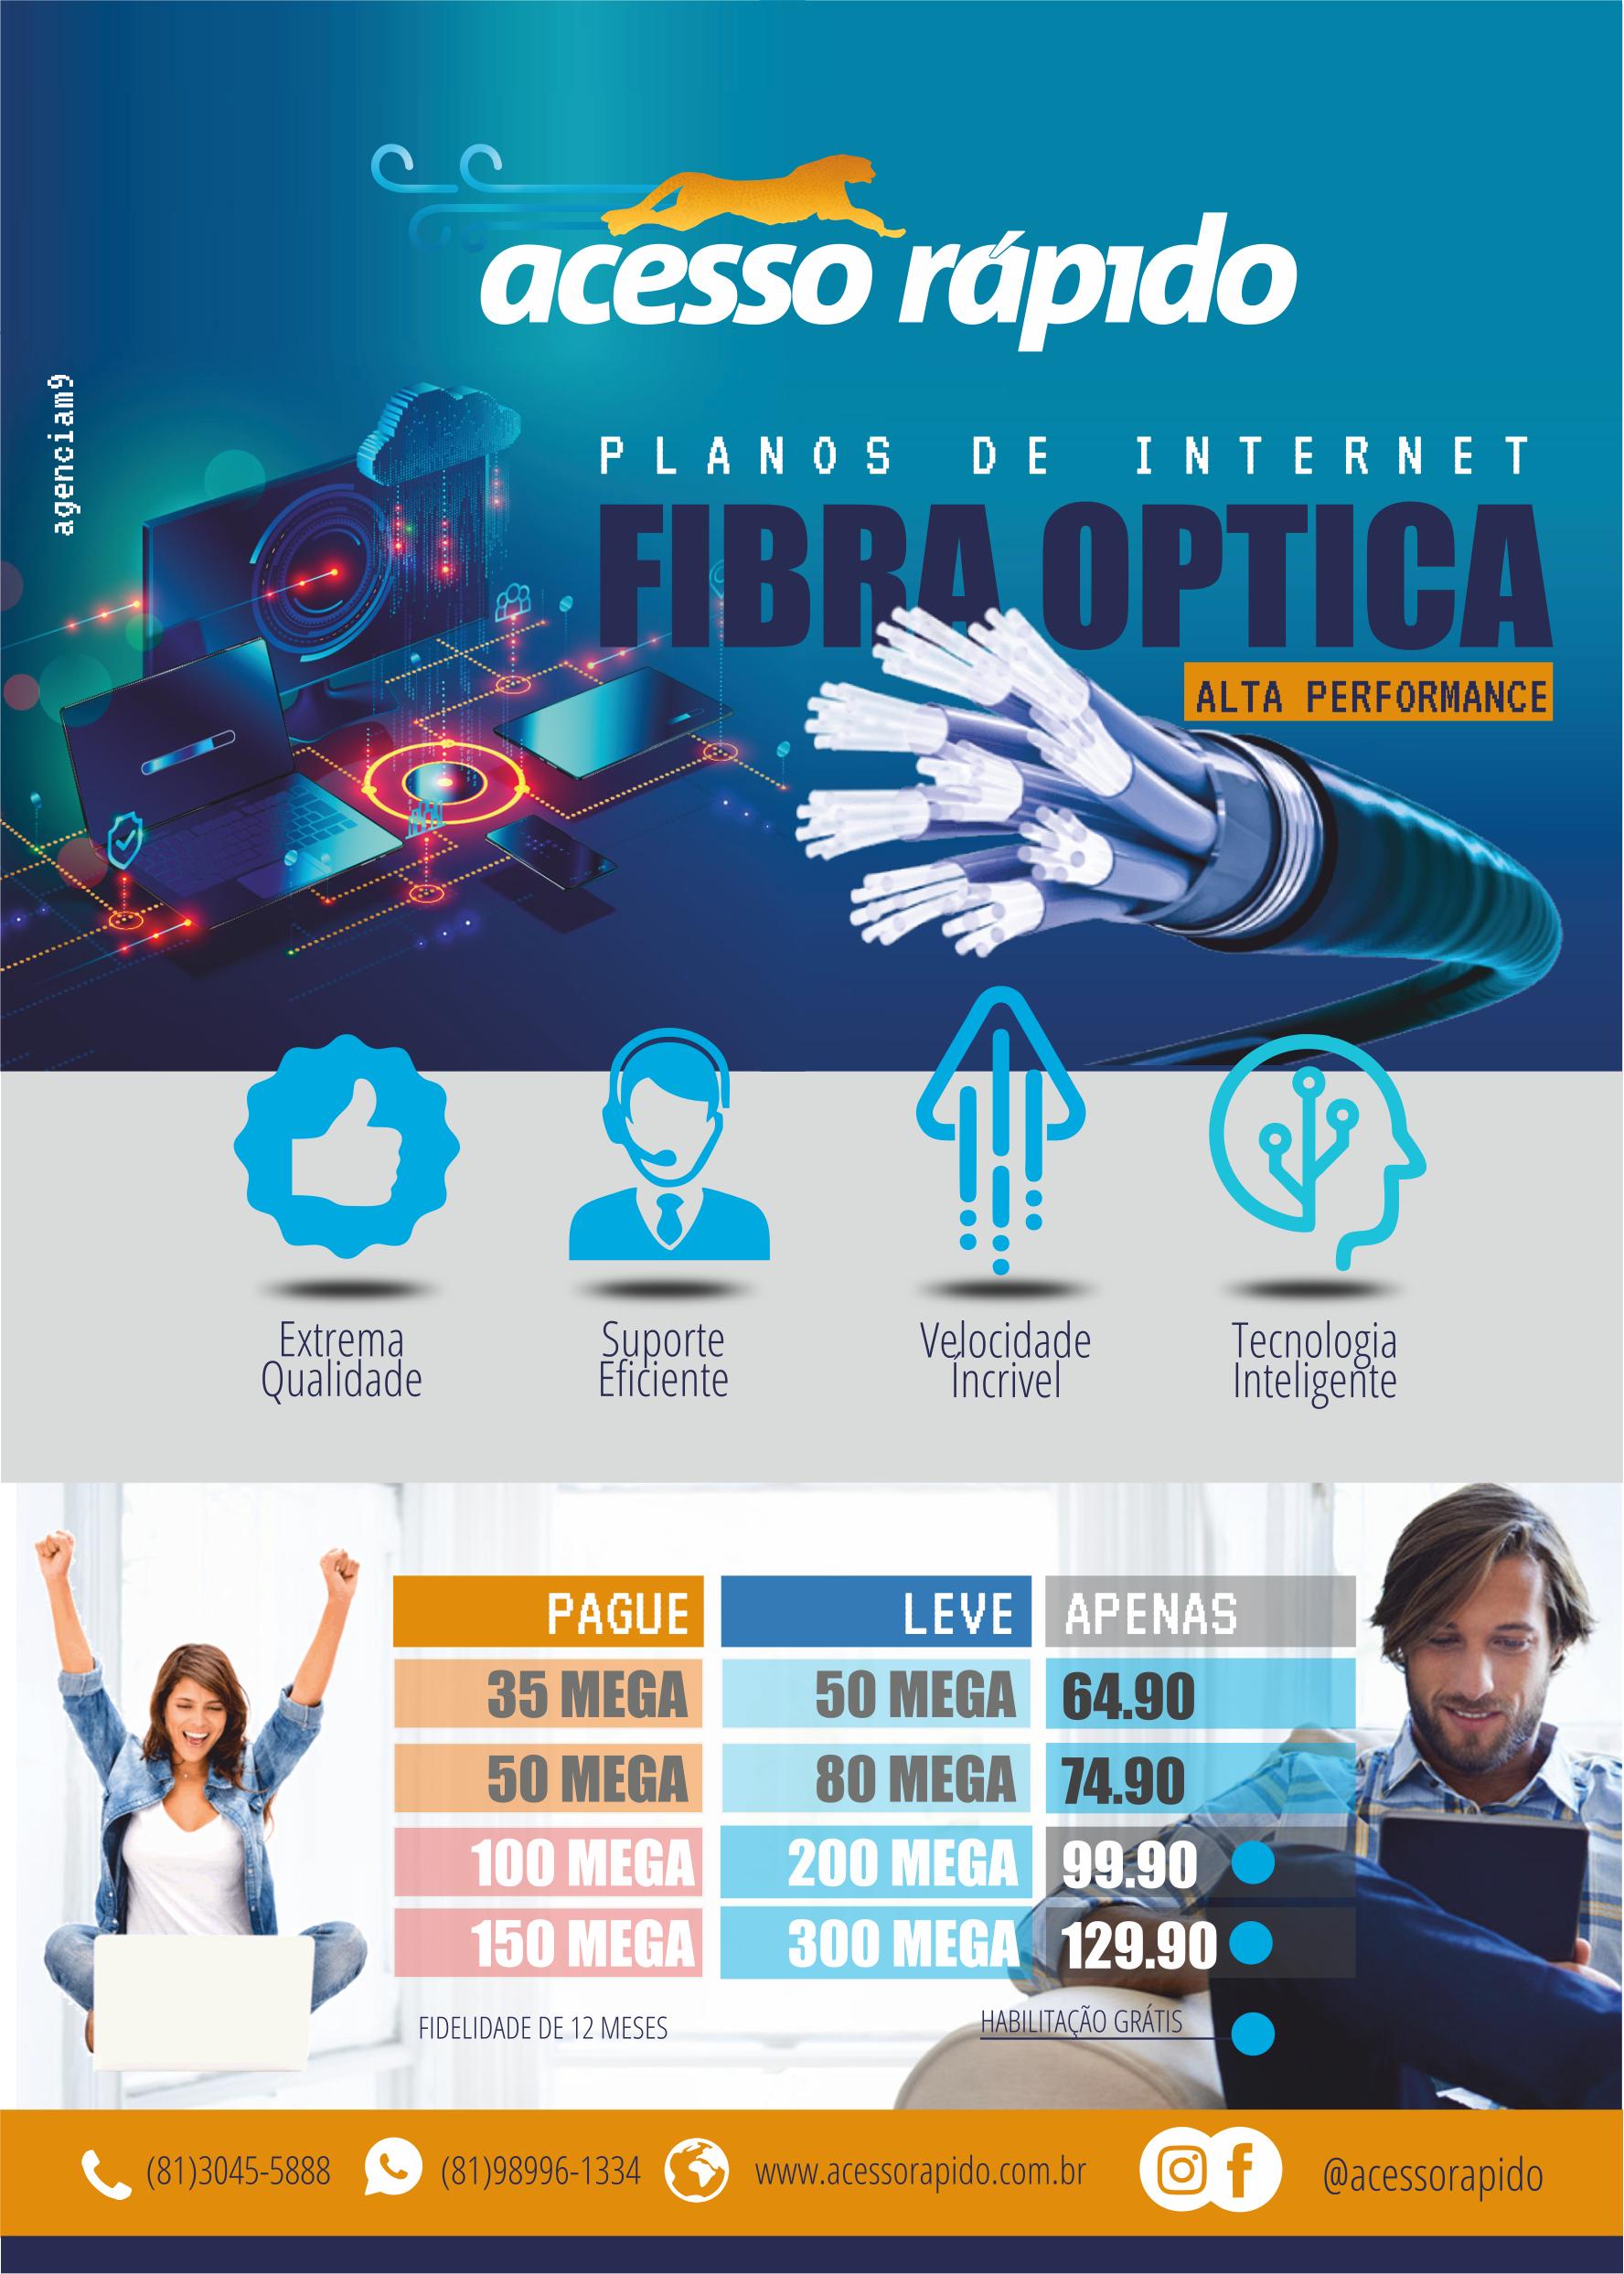 Folheto Panfleto Filipete Folder Internet Super Ultra Fibra Optica e Wifi 50 Mega 100 Mega 150 MEGA 300 MEGA